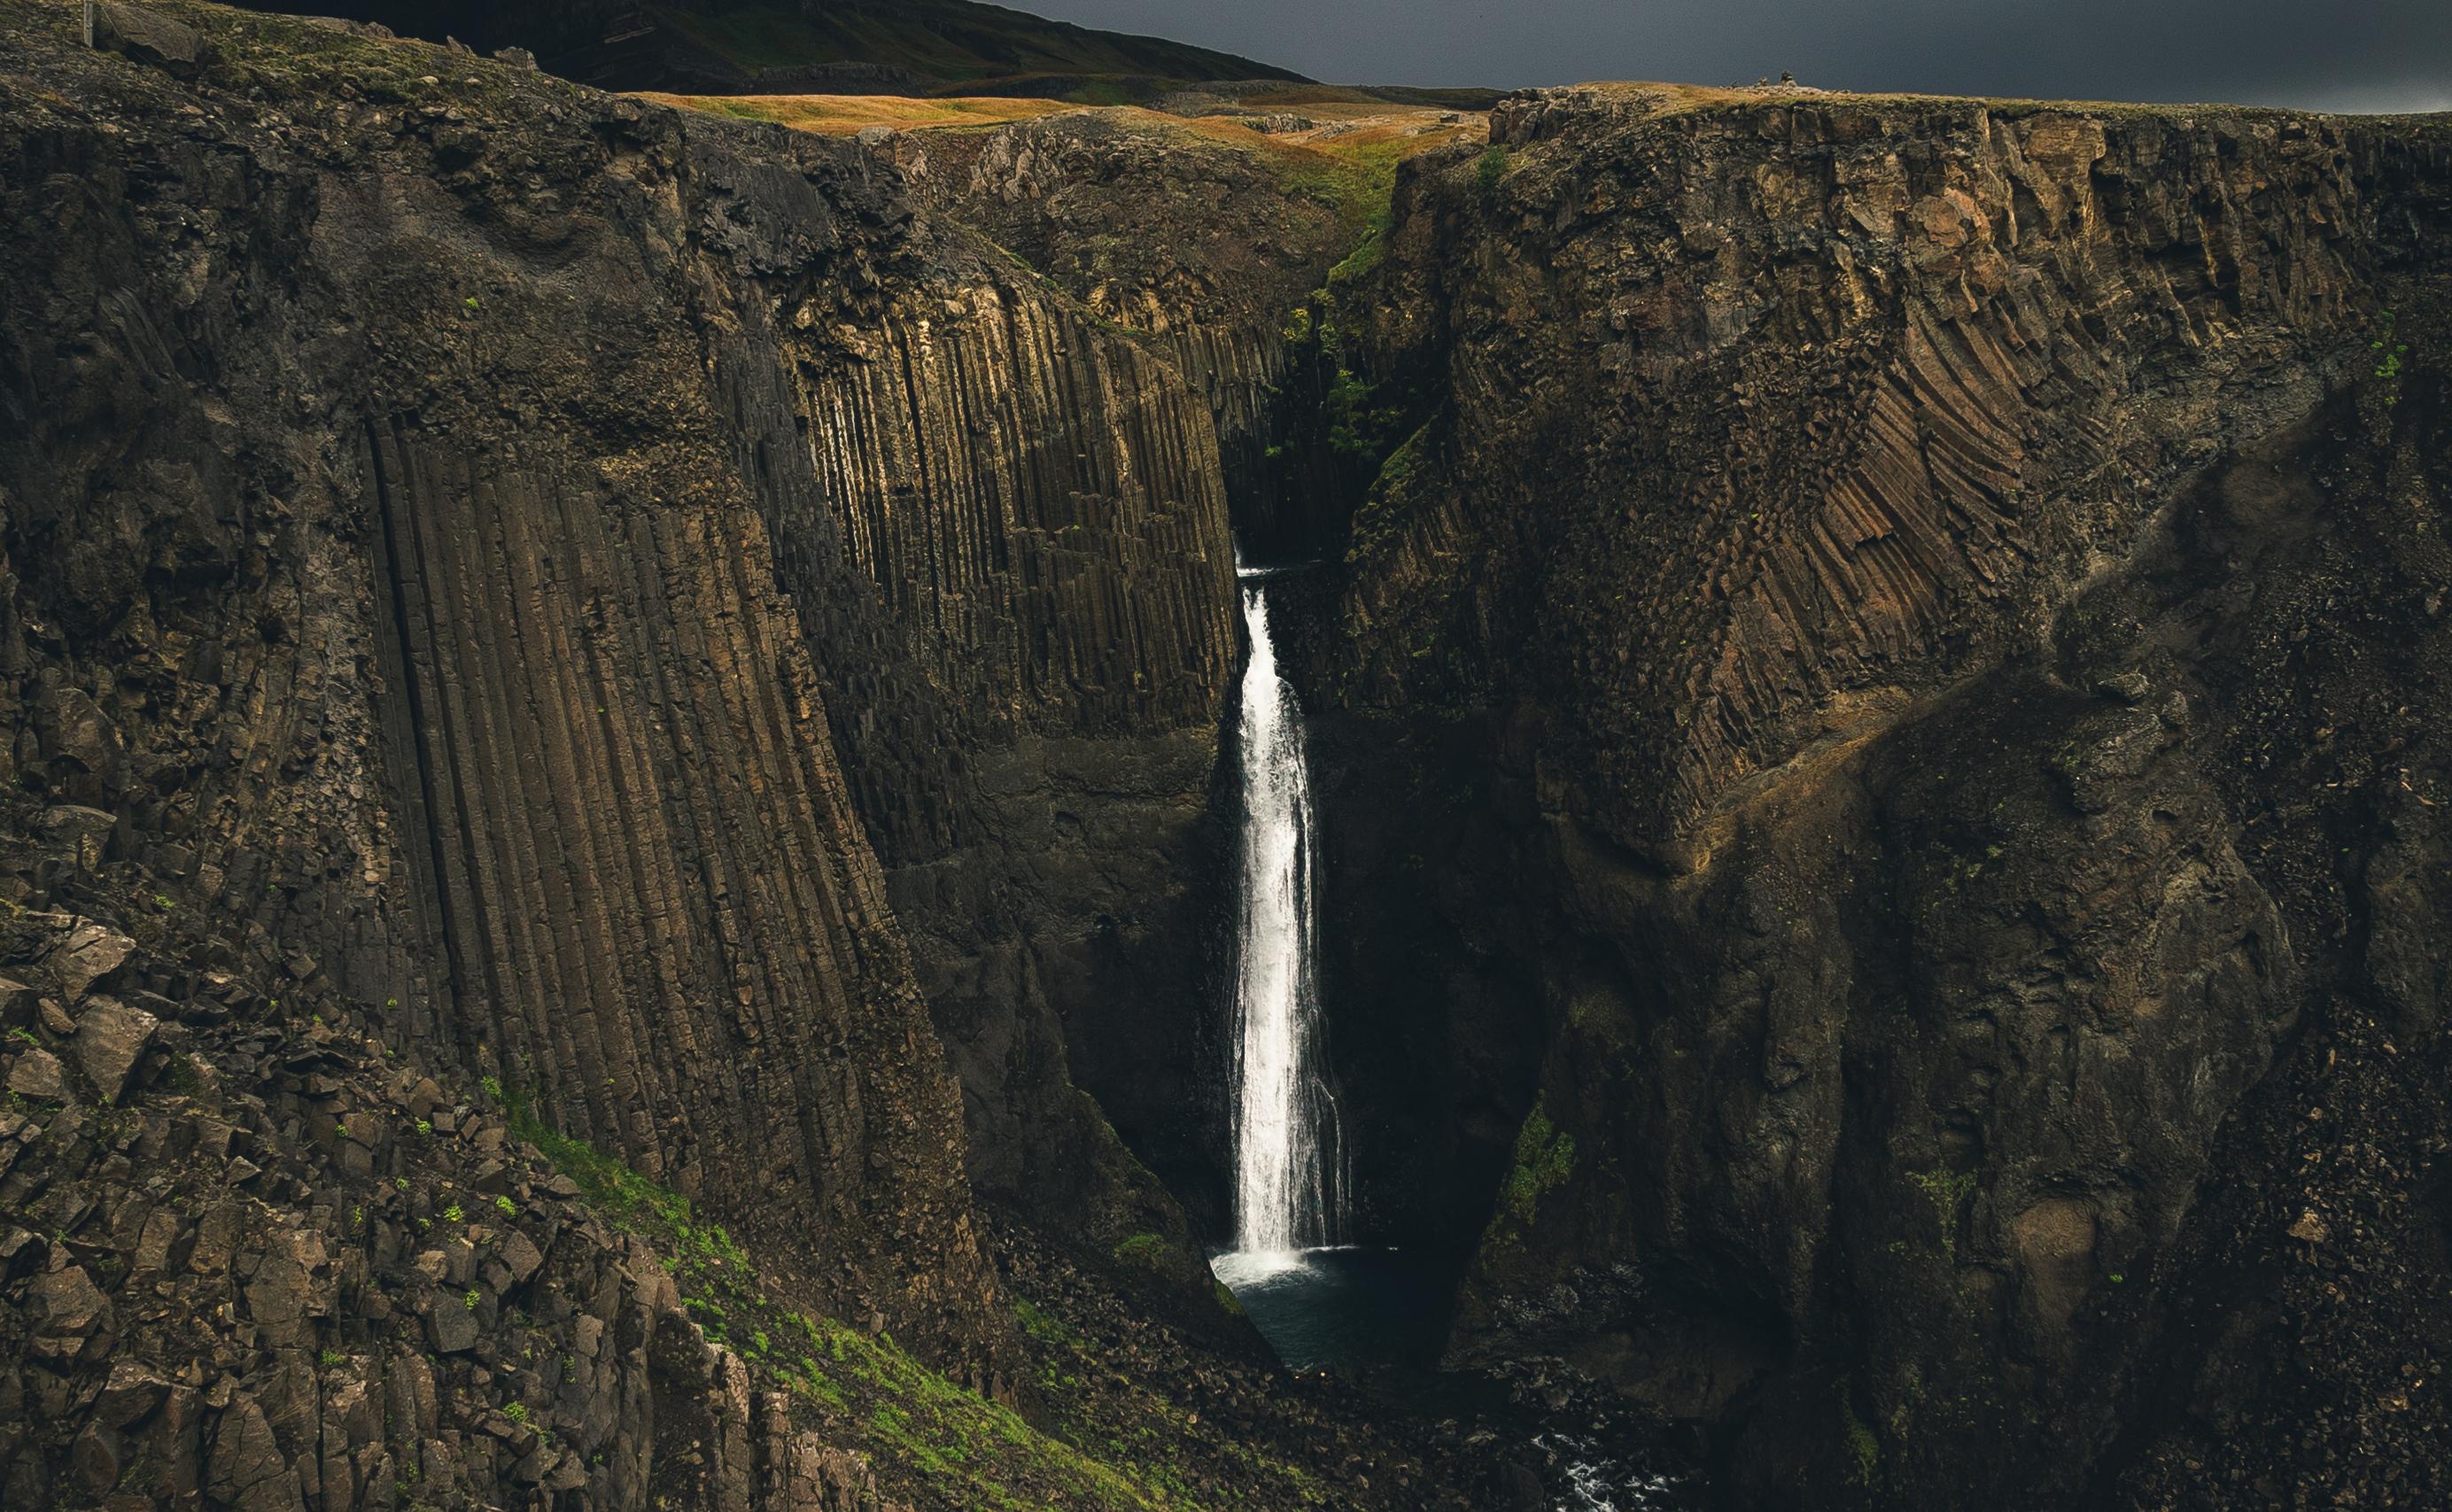 De afsidesliggende Østfjorde vil betage dig med deres imponerende skønhed.